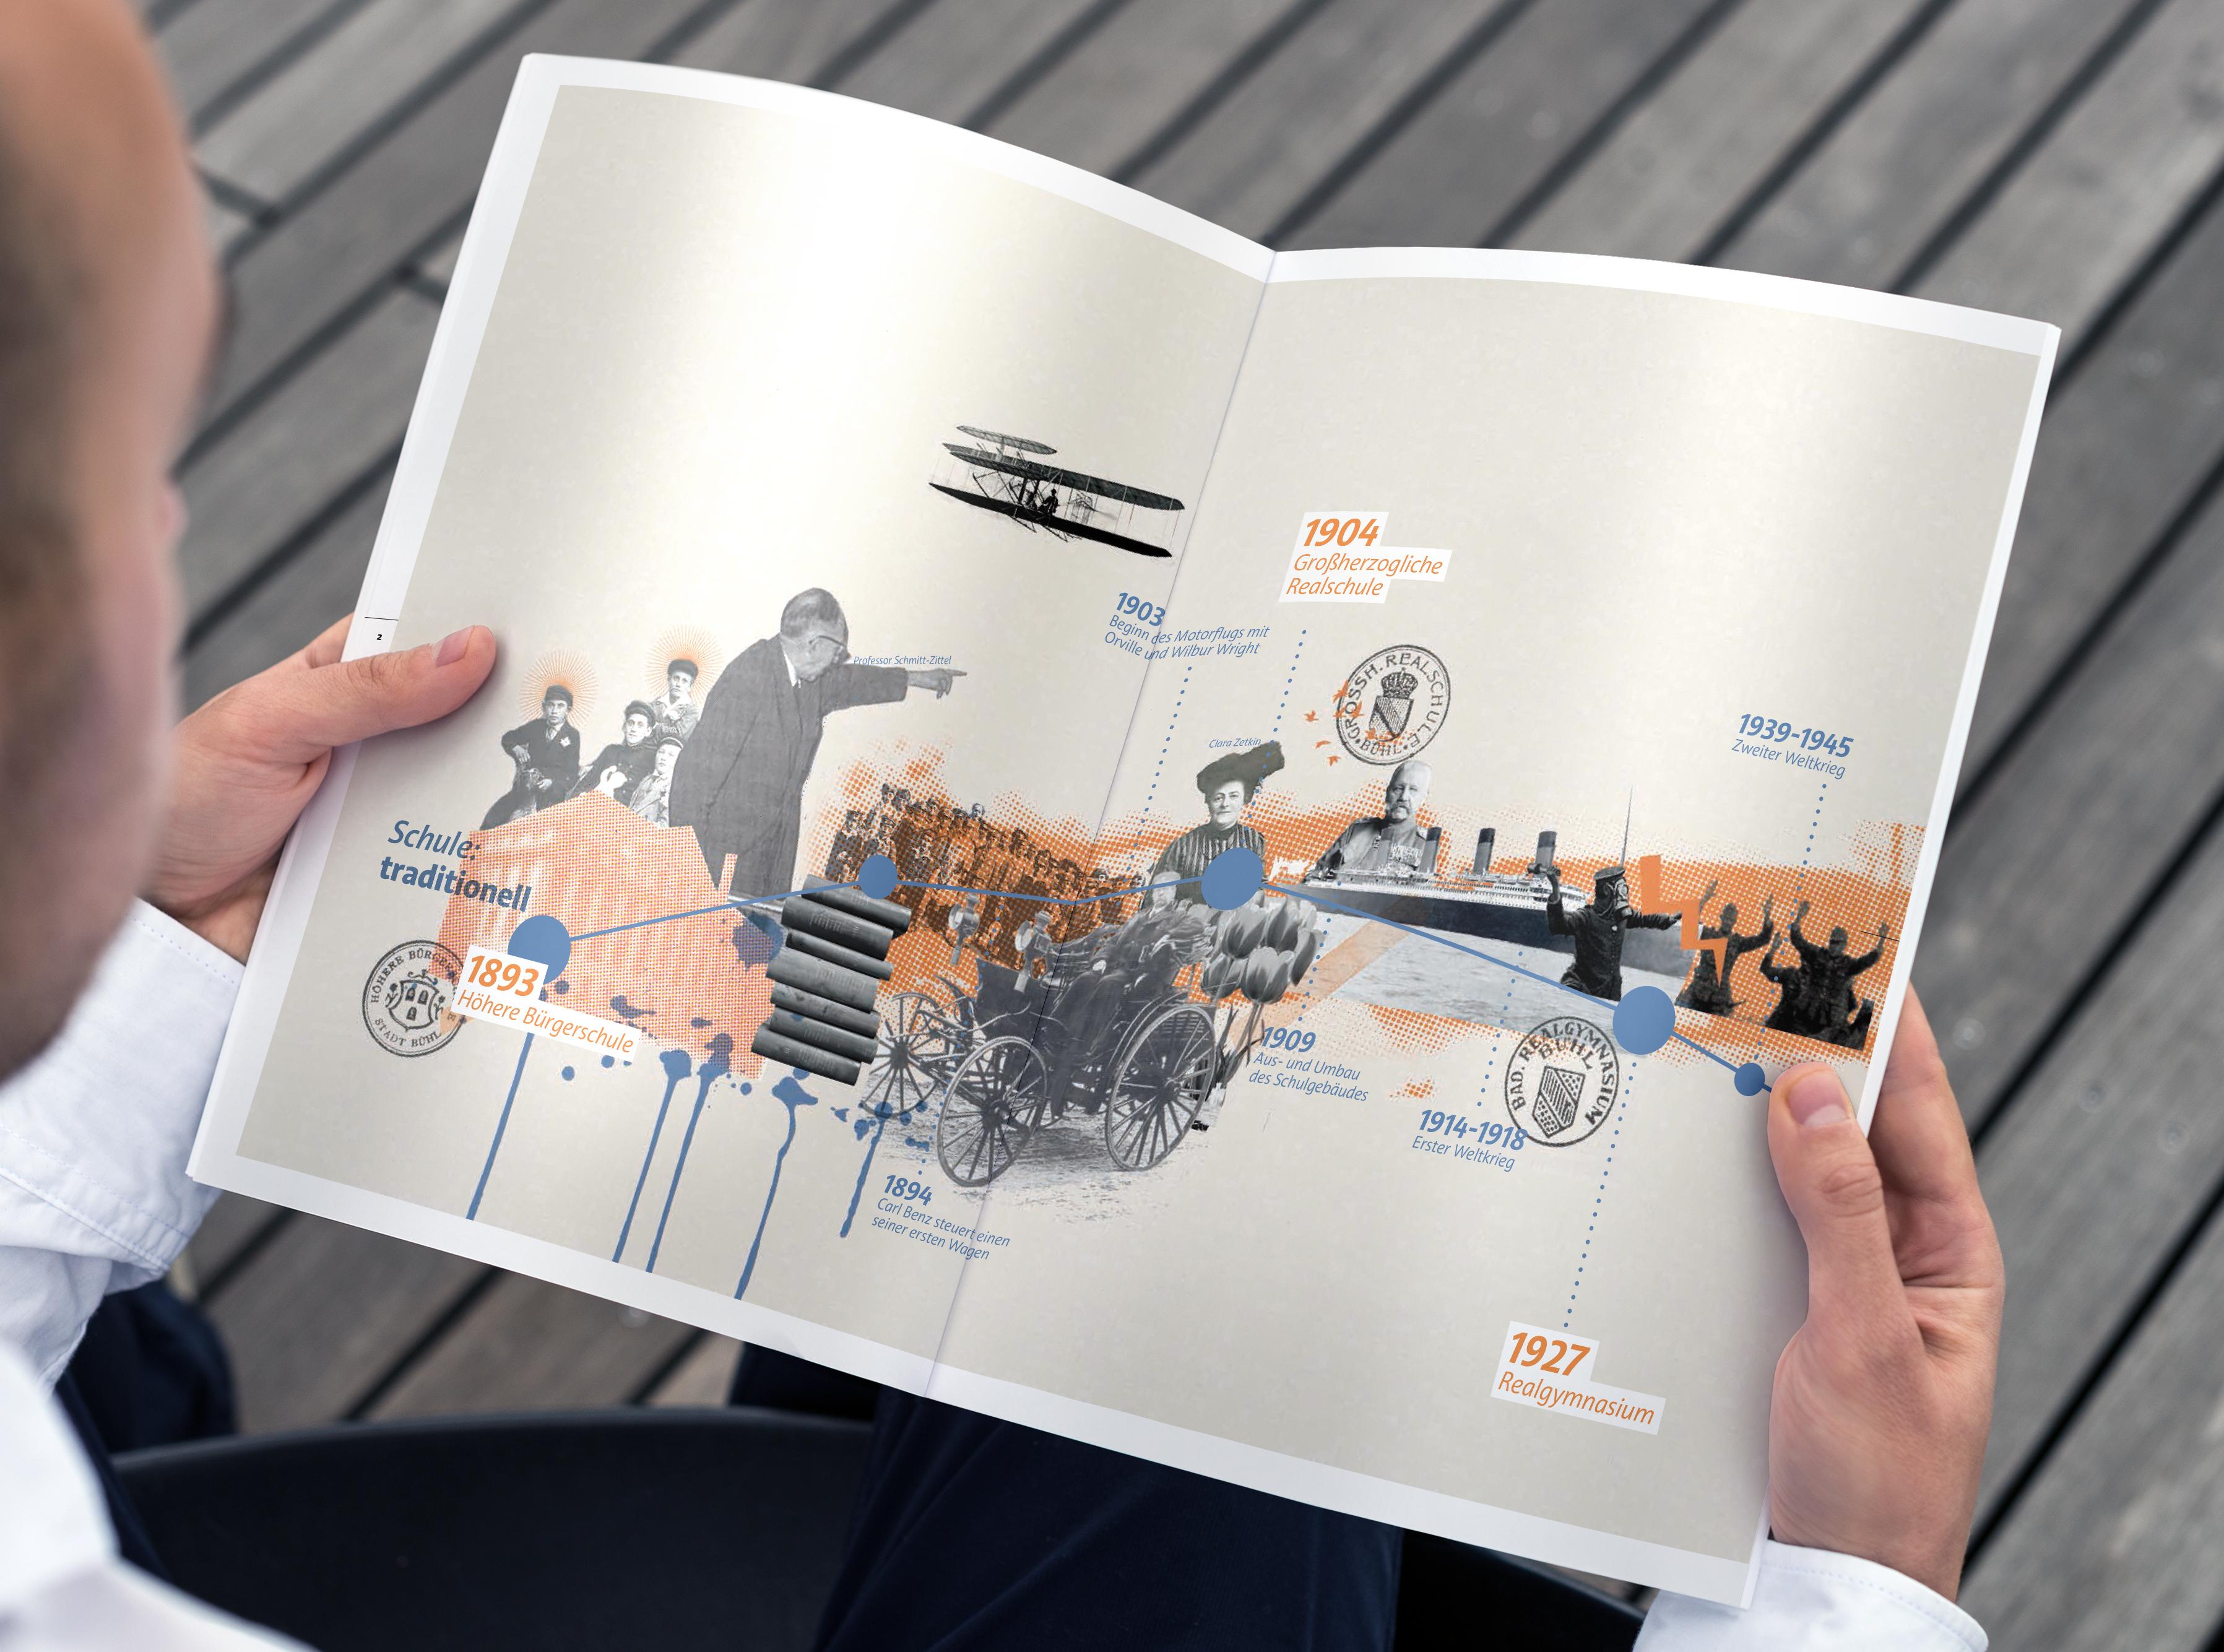 Editorialdesign